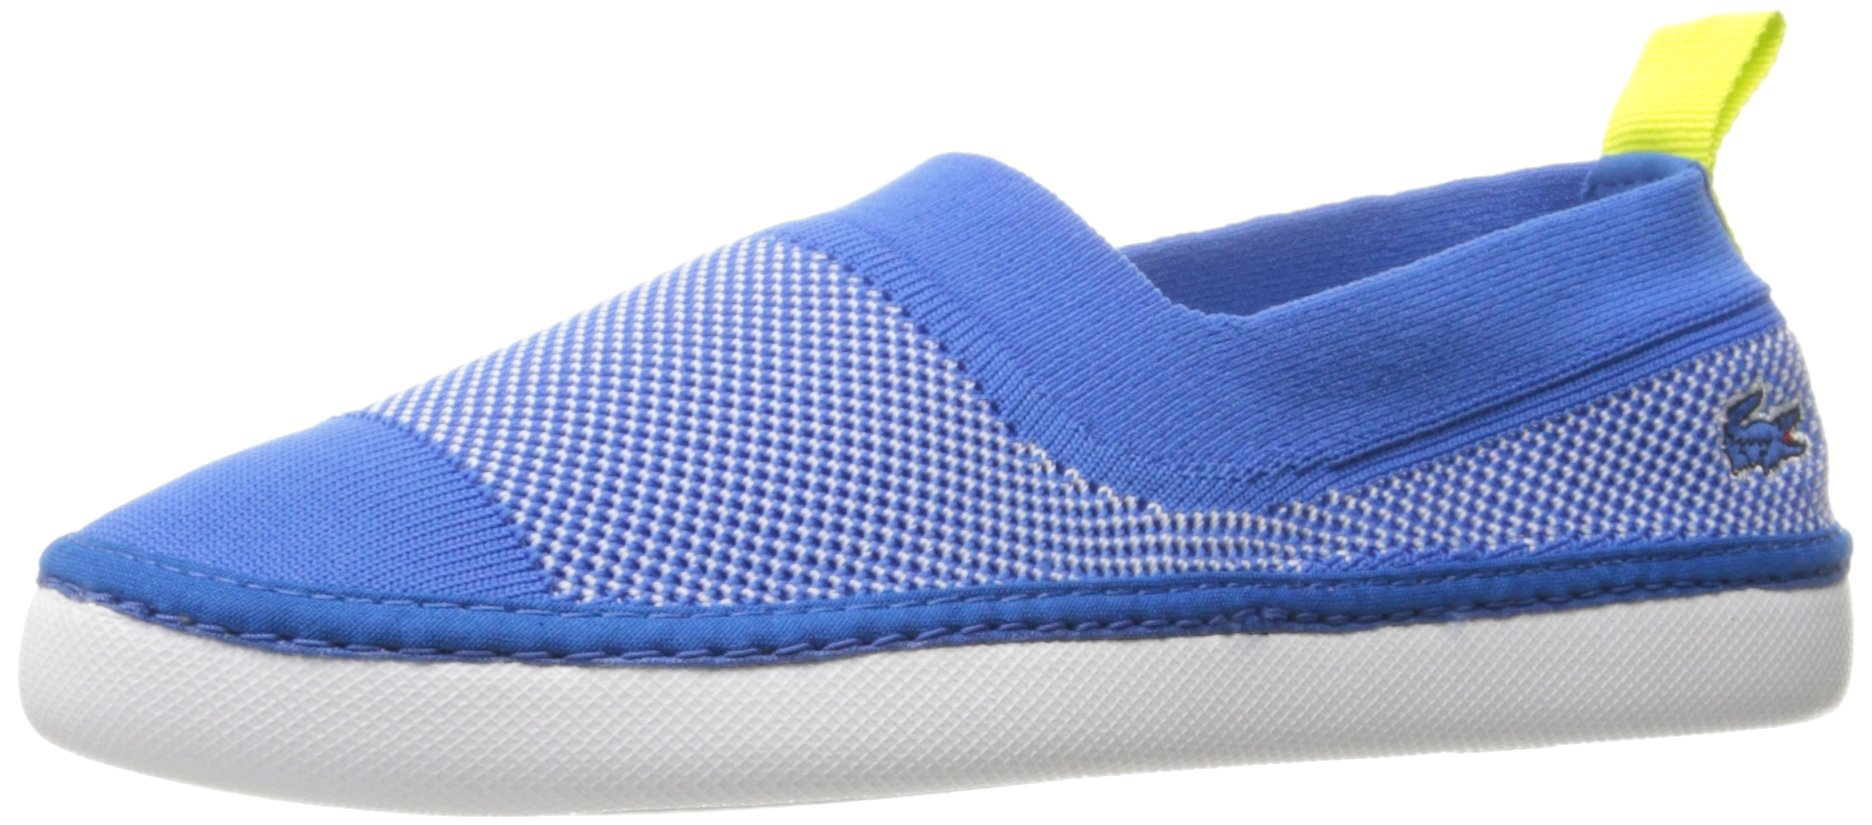 Lacoste Women's Lydro 217 1 Shoe, Blue, 7.5 M US